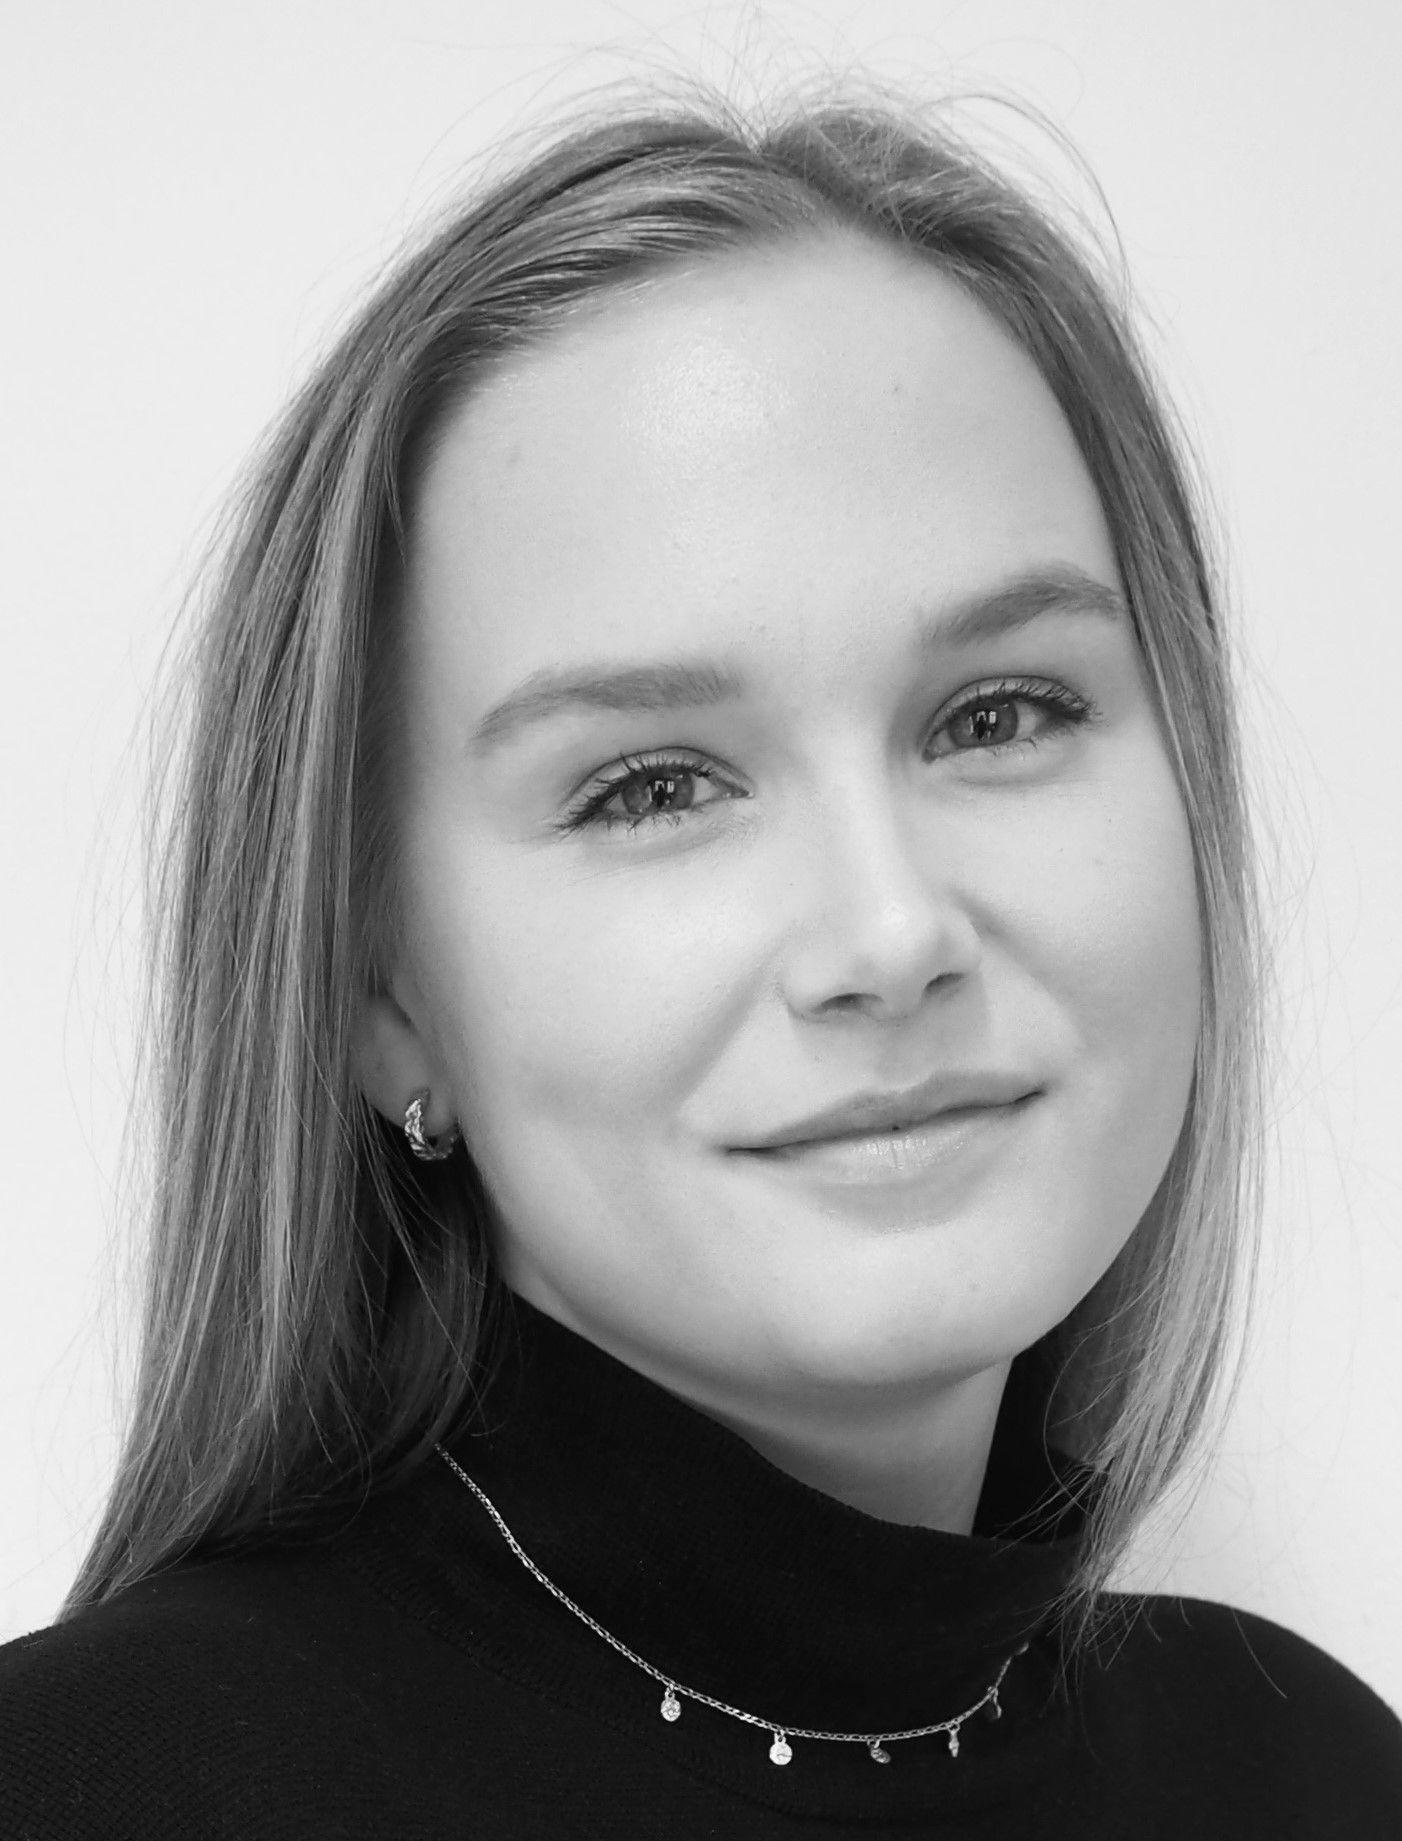 Matilde Mork Henden